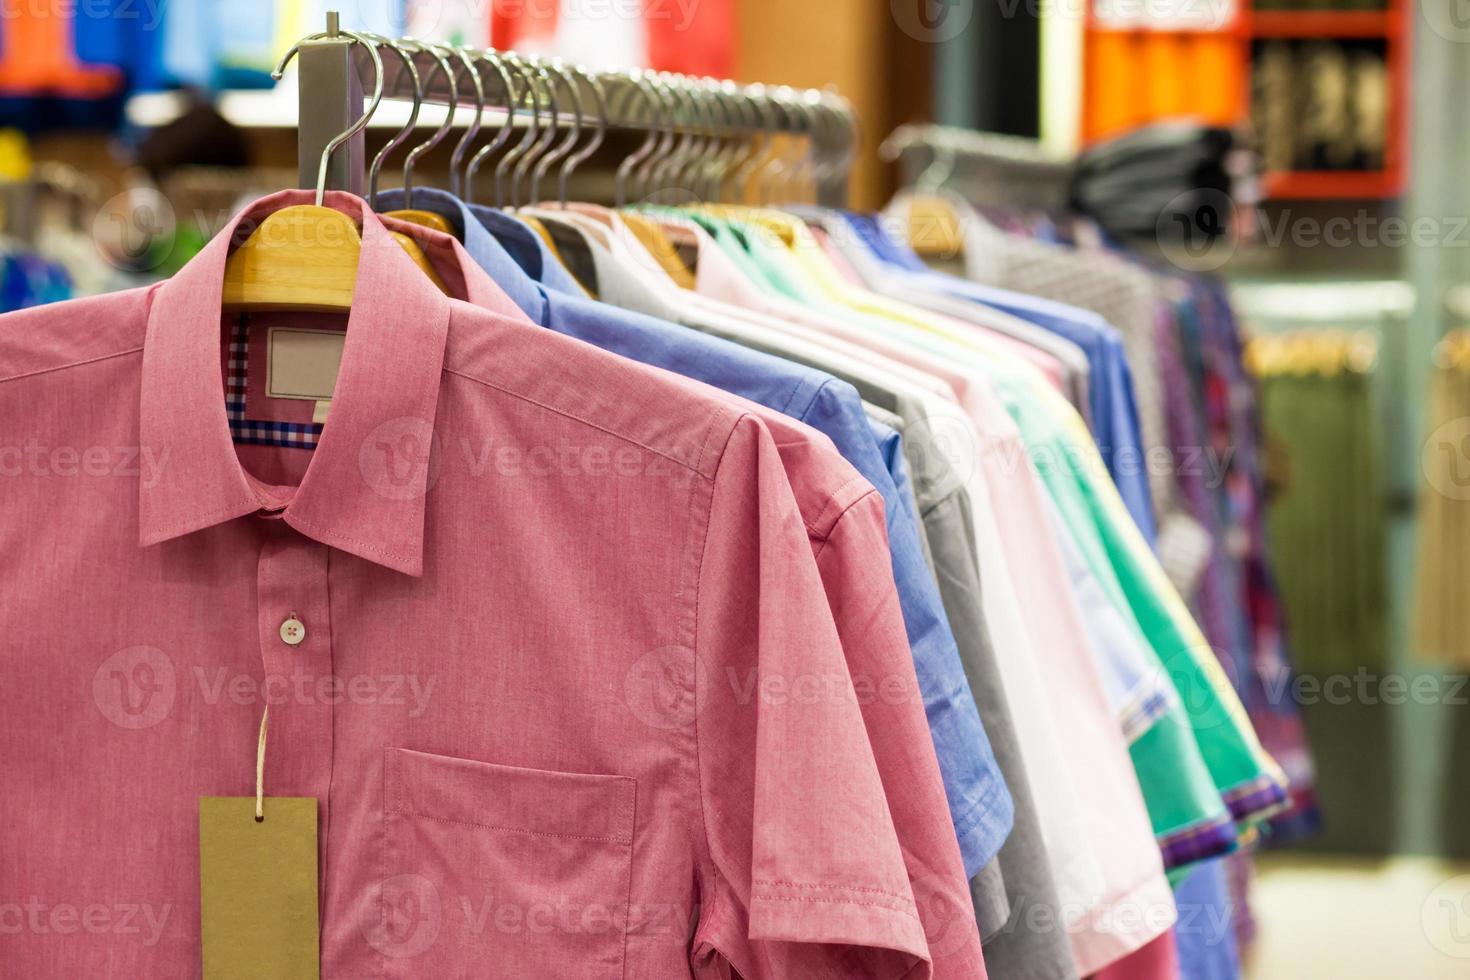 Hemden auf Kleiderbügeln foto